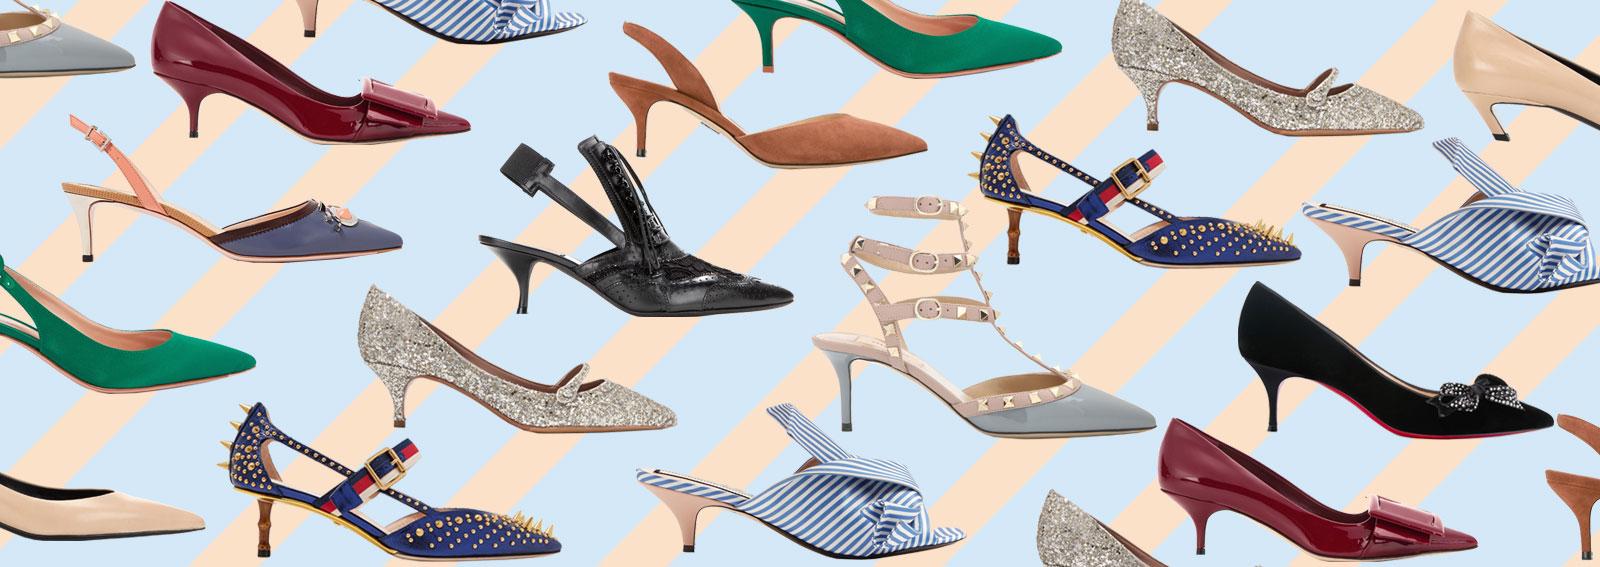 DESKTOP_scarpe_kitten_heels